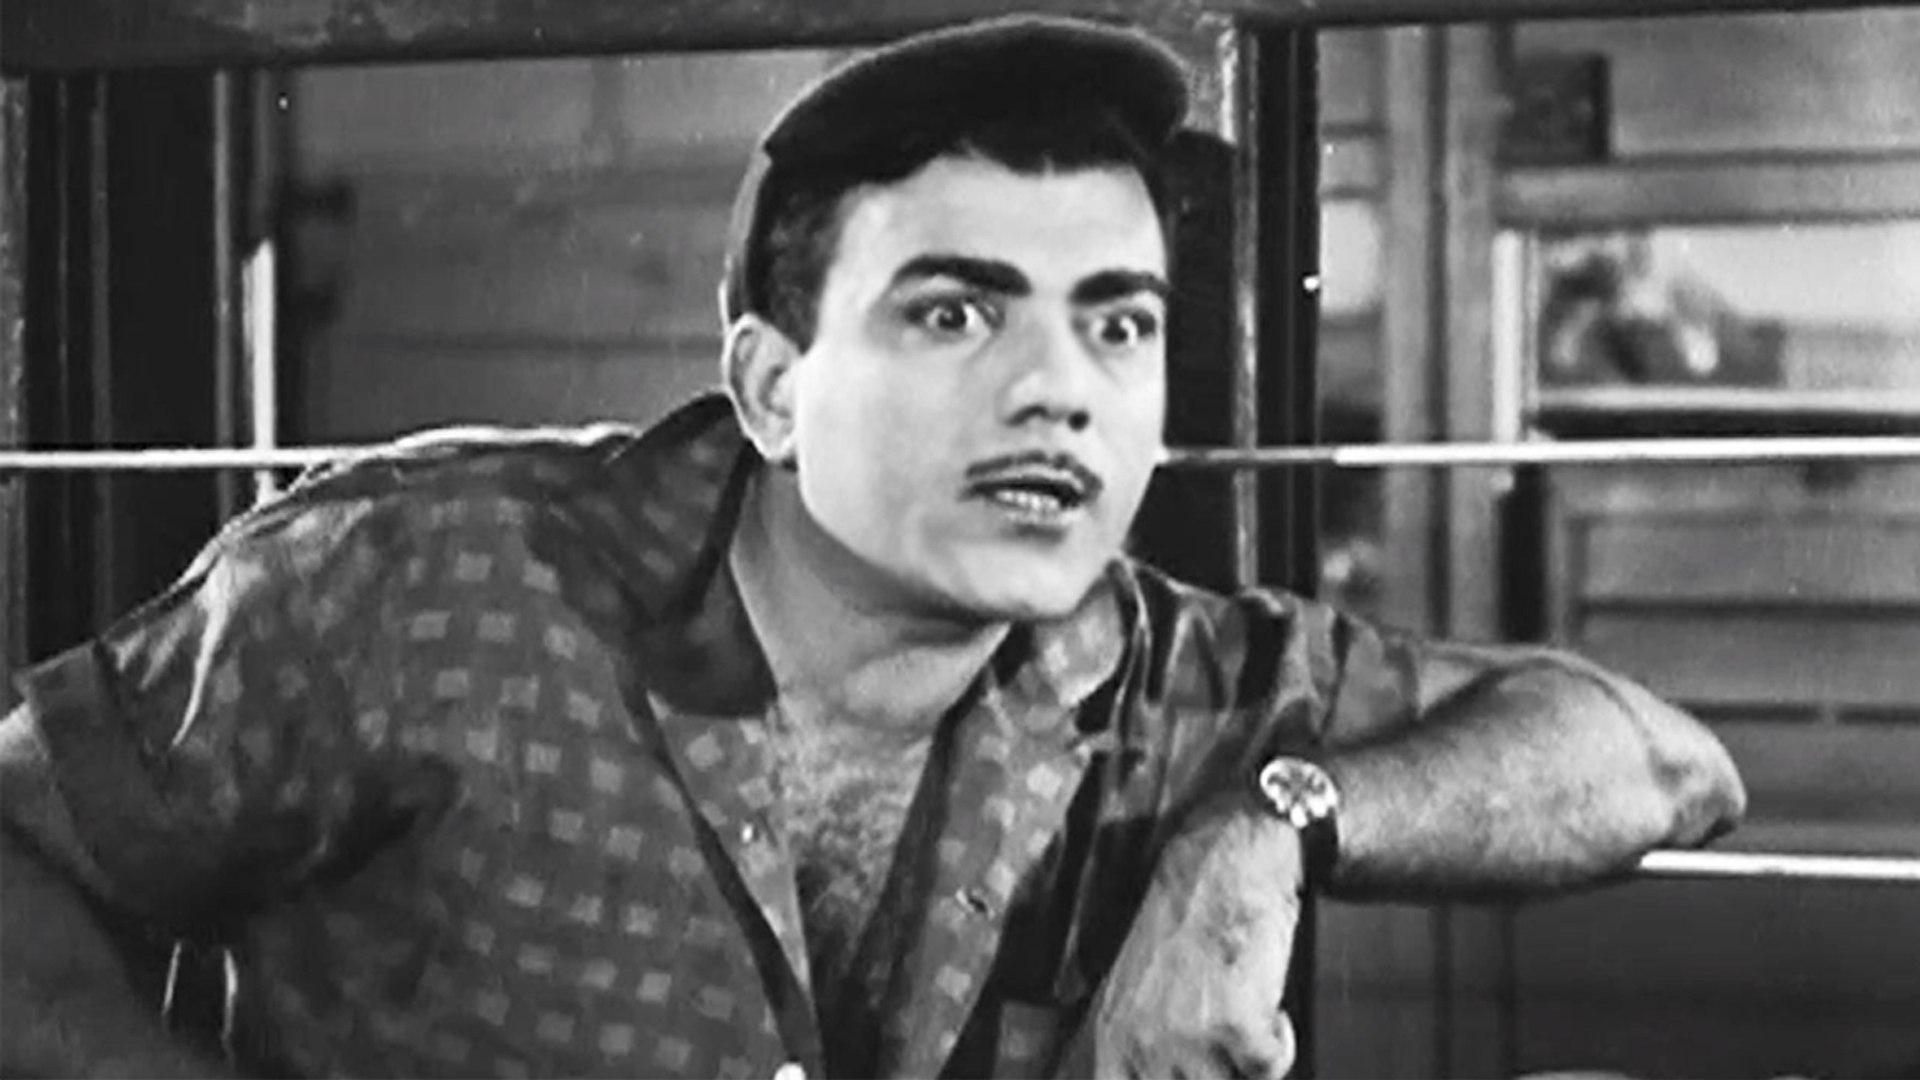 महमूद जयंती विशेष: घर की जरूरतों के लिए ट्रेन में बेचीं टॉफियां, अपने बेहतरीन अभिनय और निराले अंदाज से बने कॉमेडी किंग